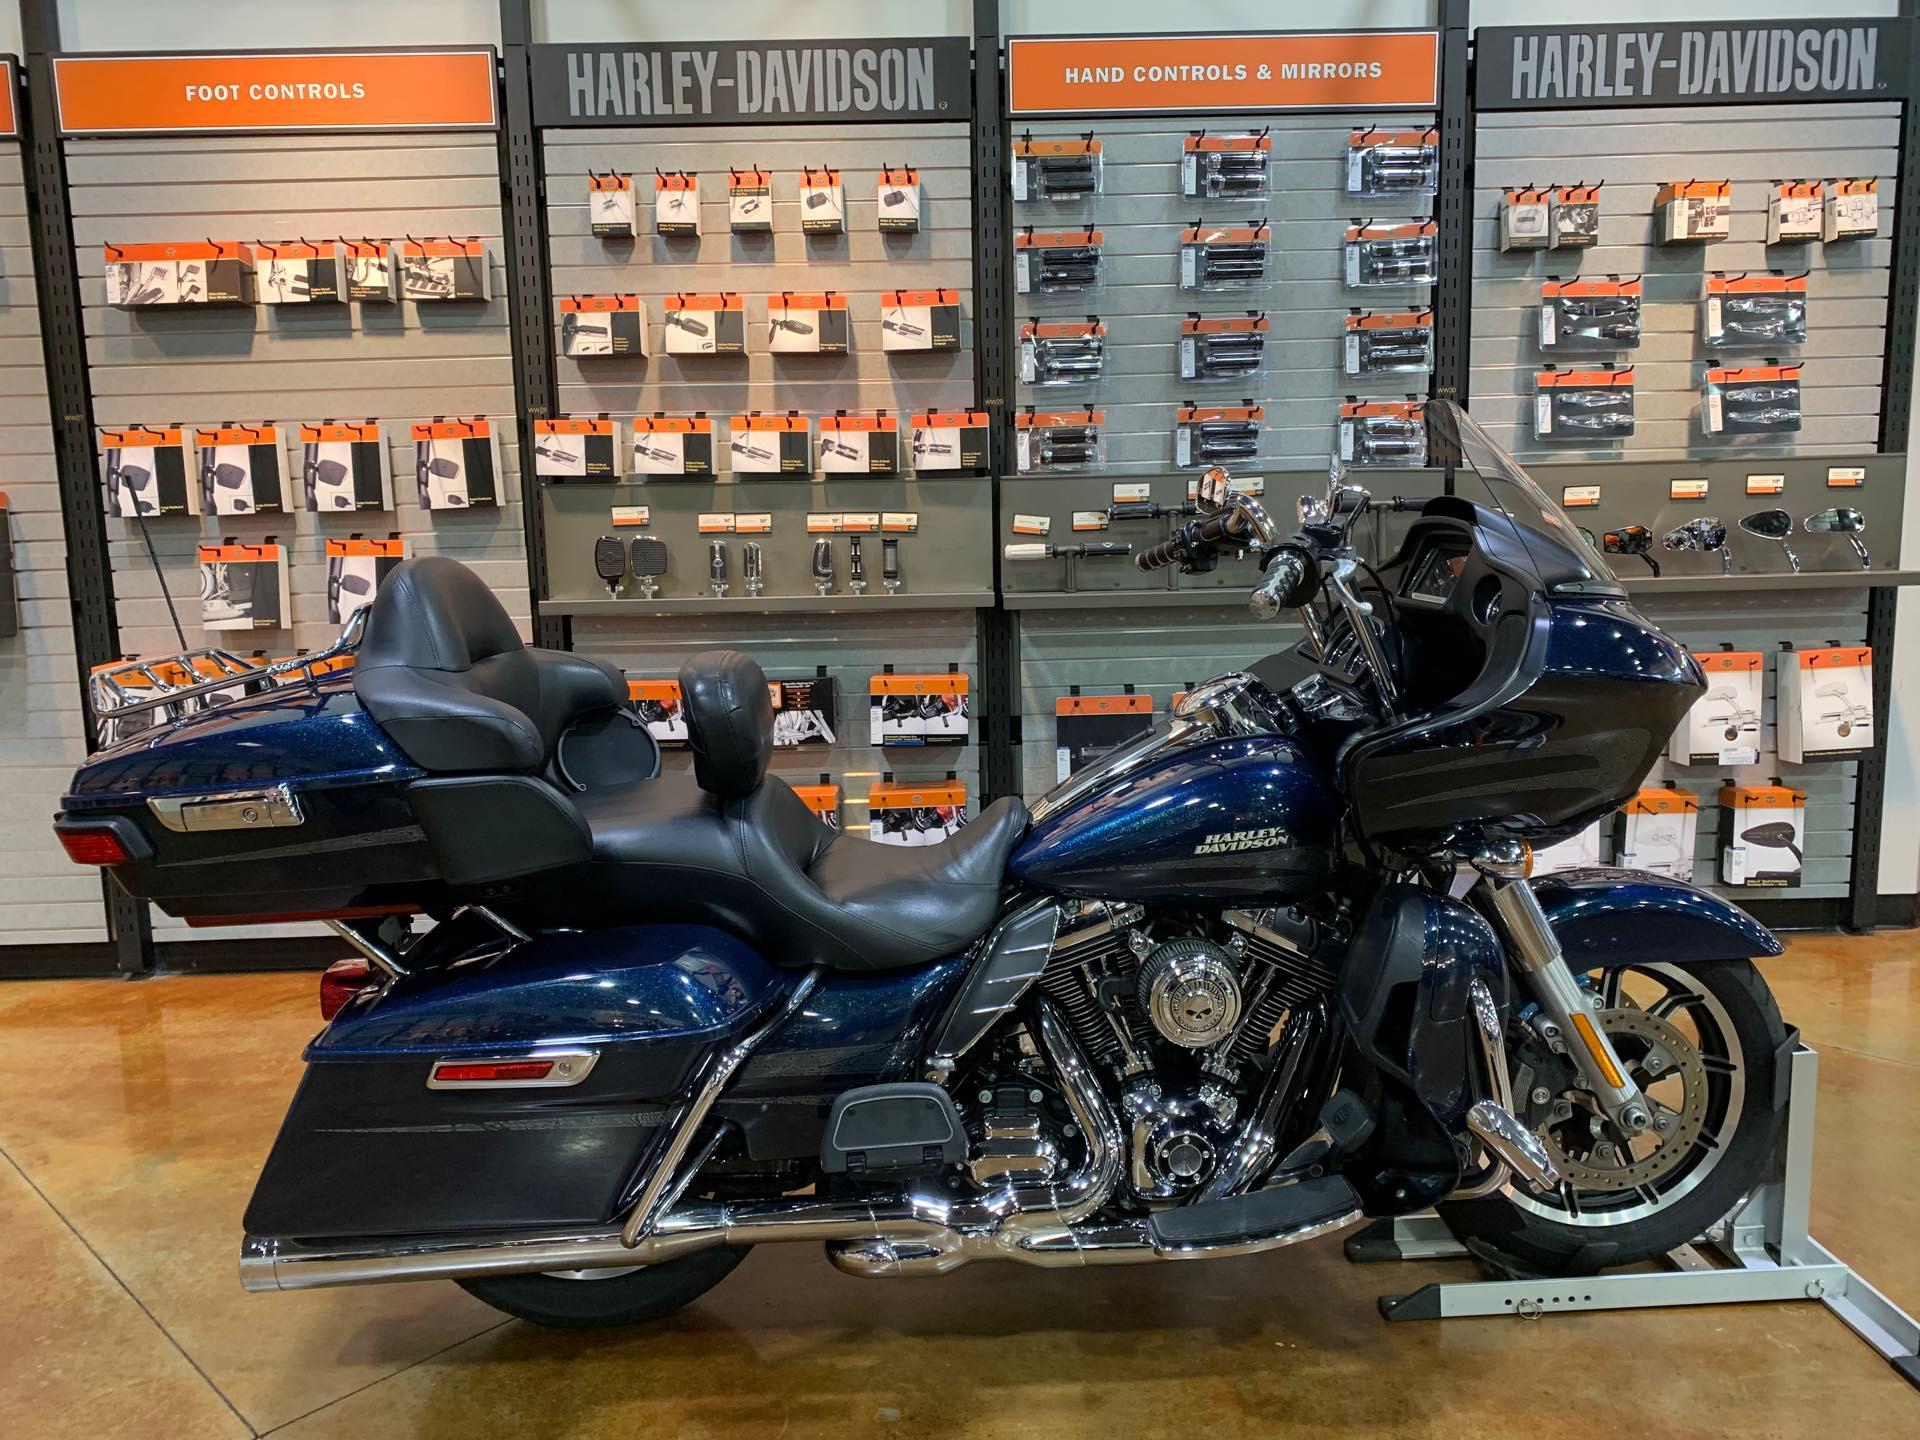 2016 Harley-Davidson Road Glide Ultra at Colonial Harley-Davidson